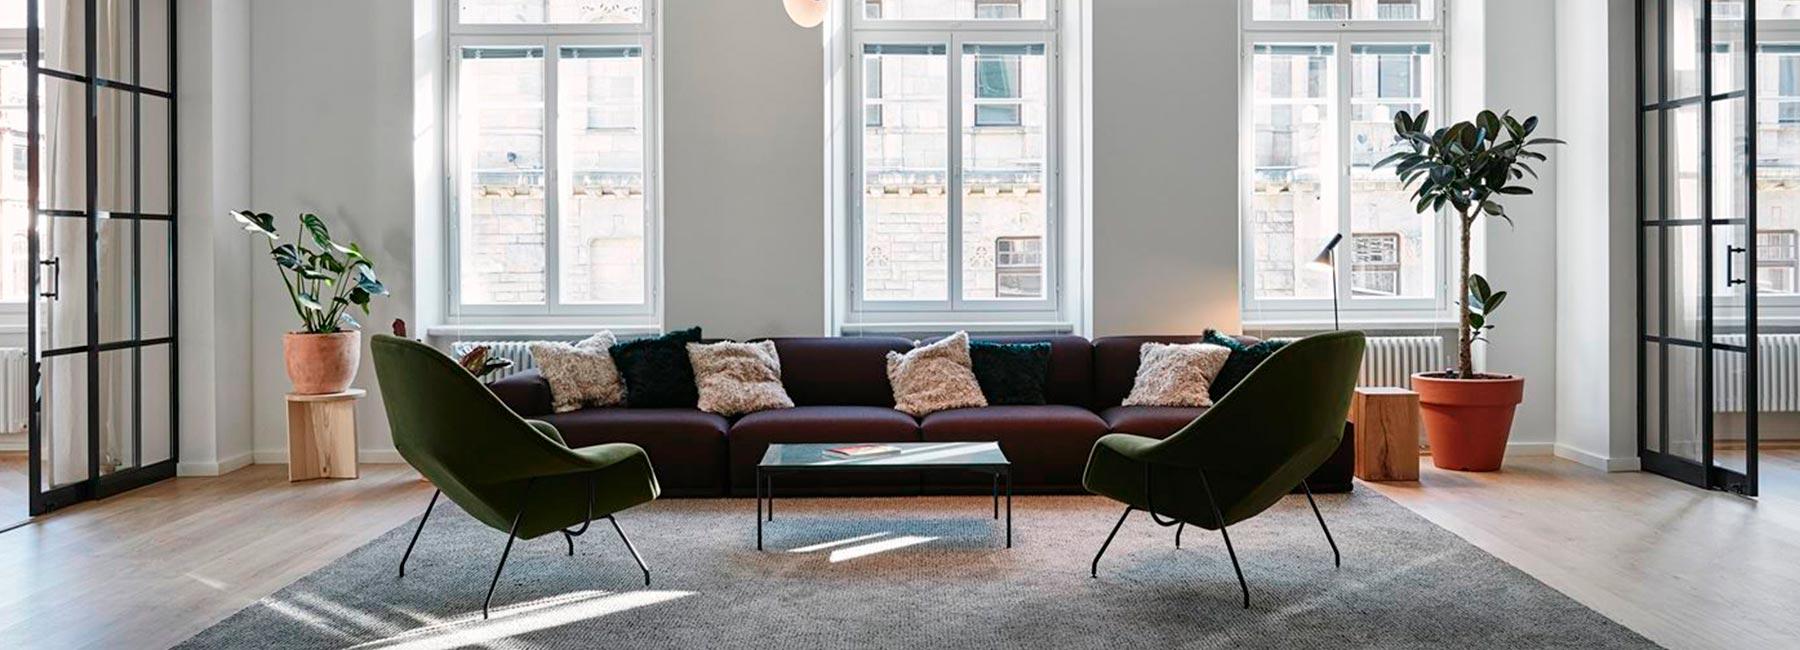 Элегантный и по-домашнему уютный офис консалтинговой компании Fjord